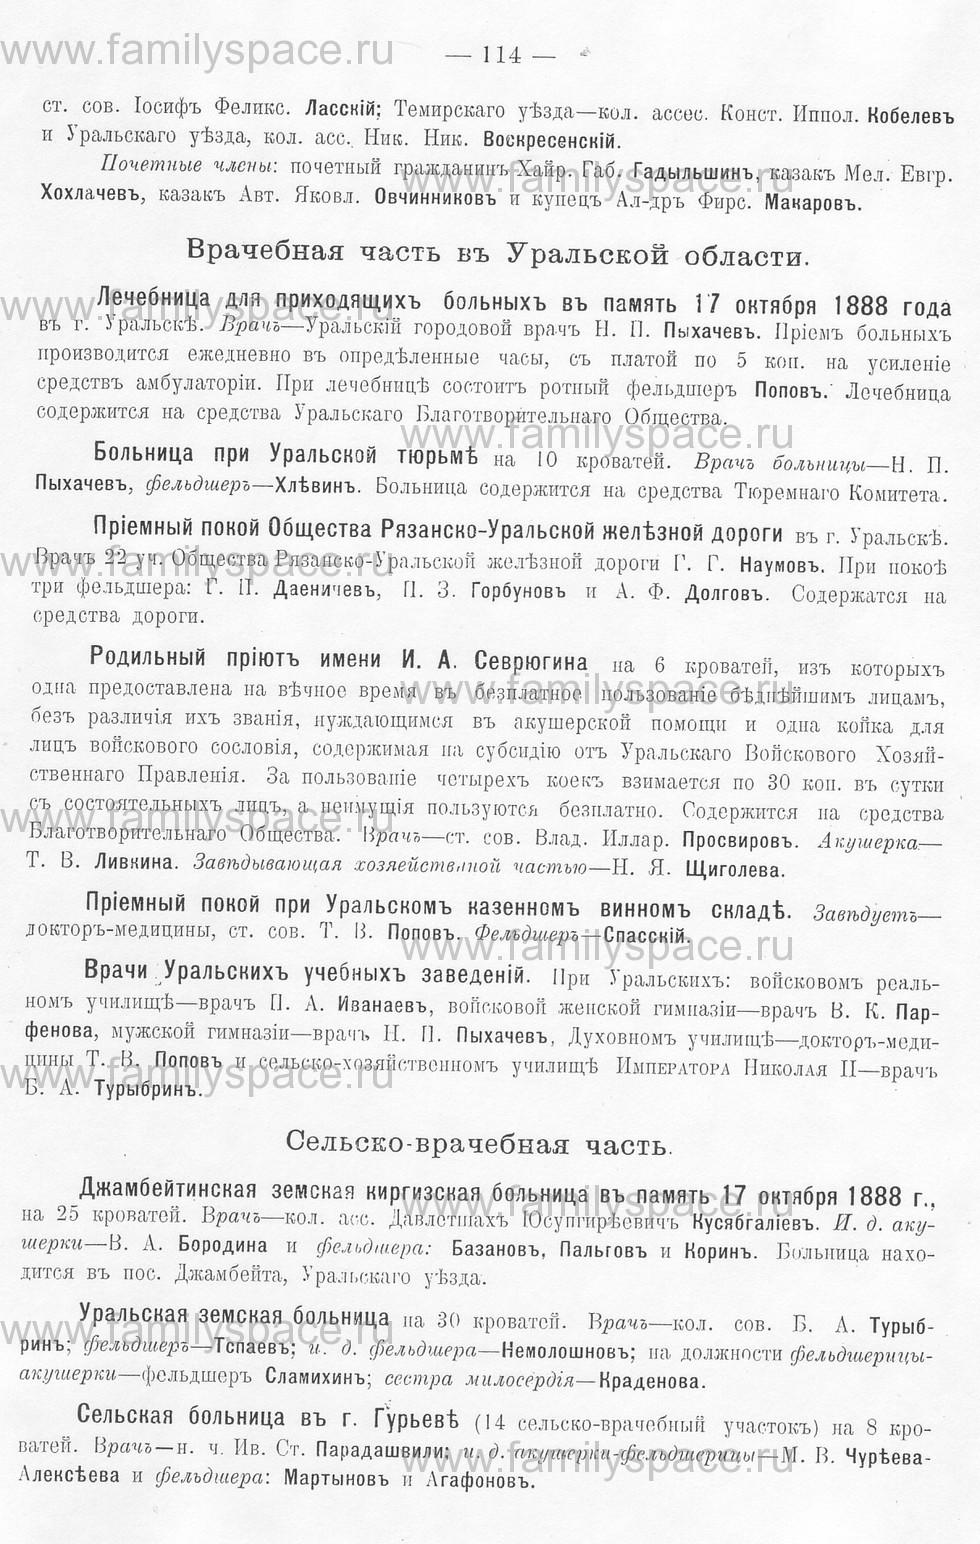 Поиск по фамилии - Памятная книжка Уральской области на 1913 год, страница 114